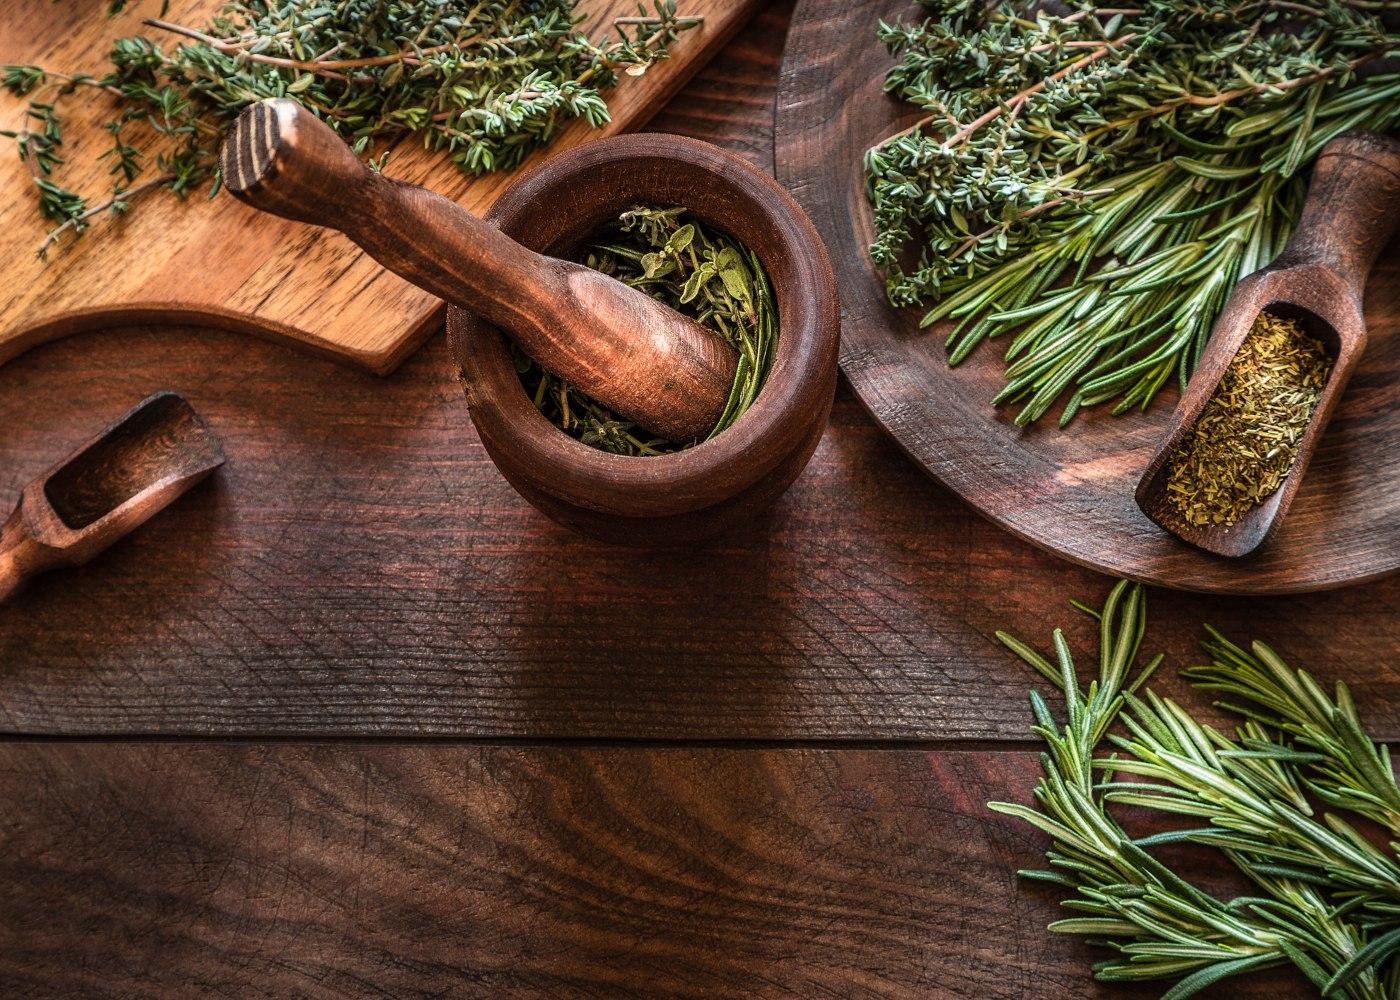 tábua com ervas aromáticas